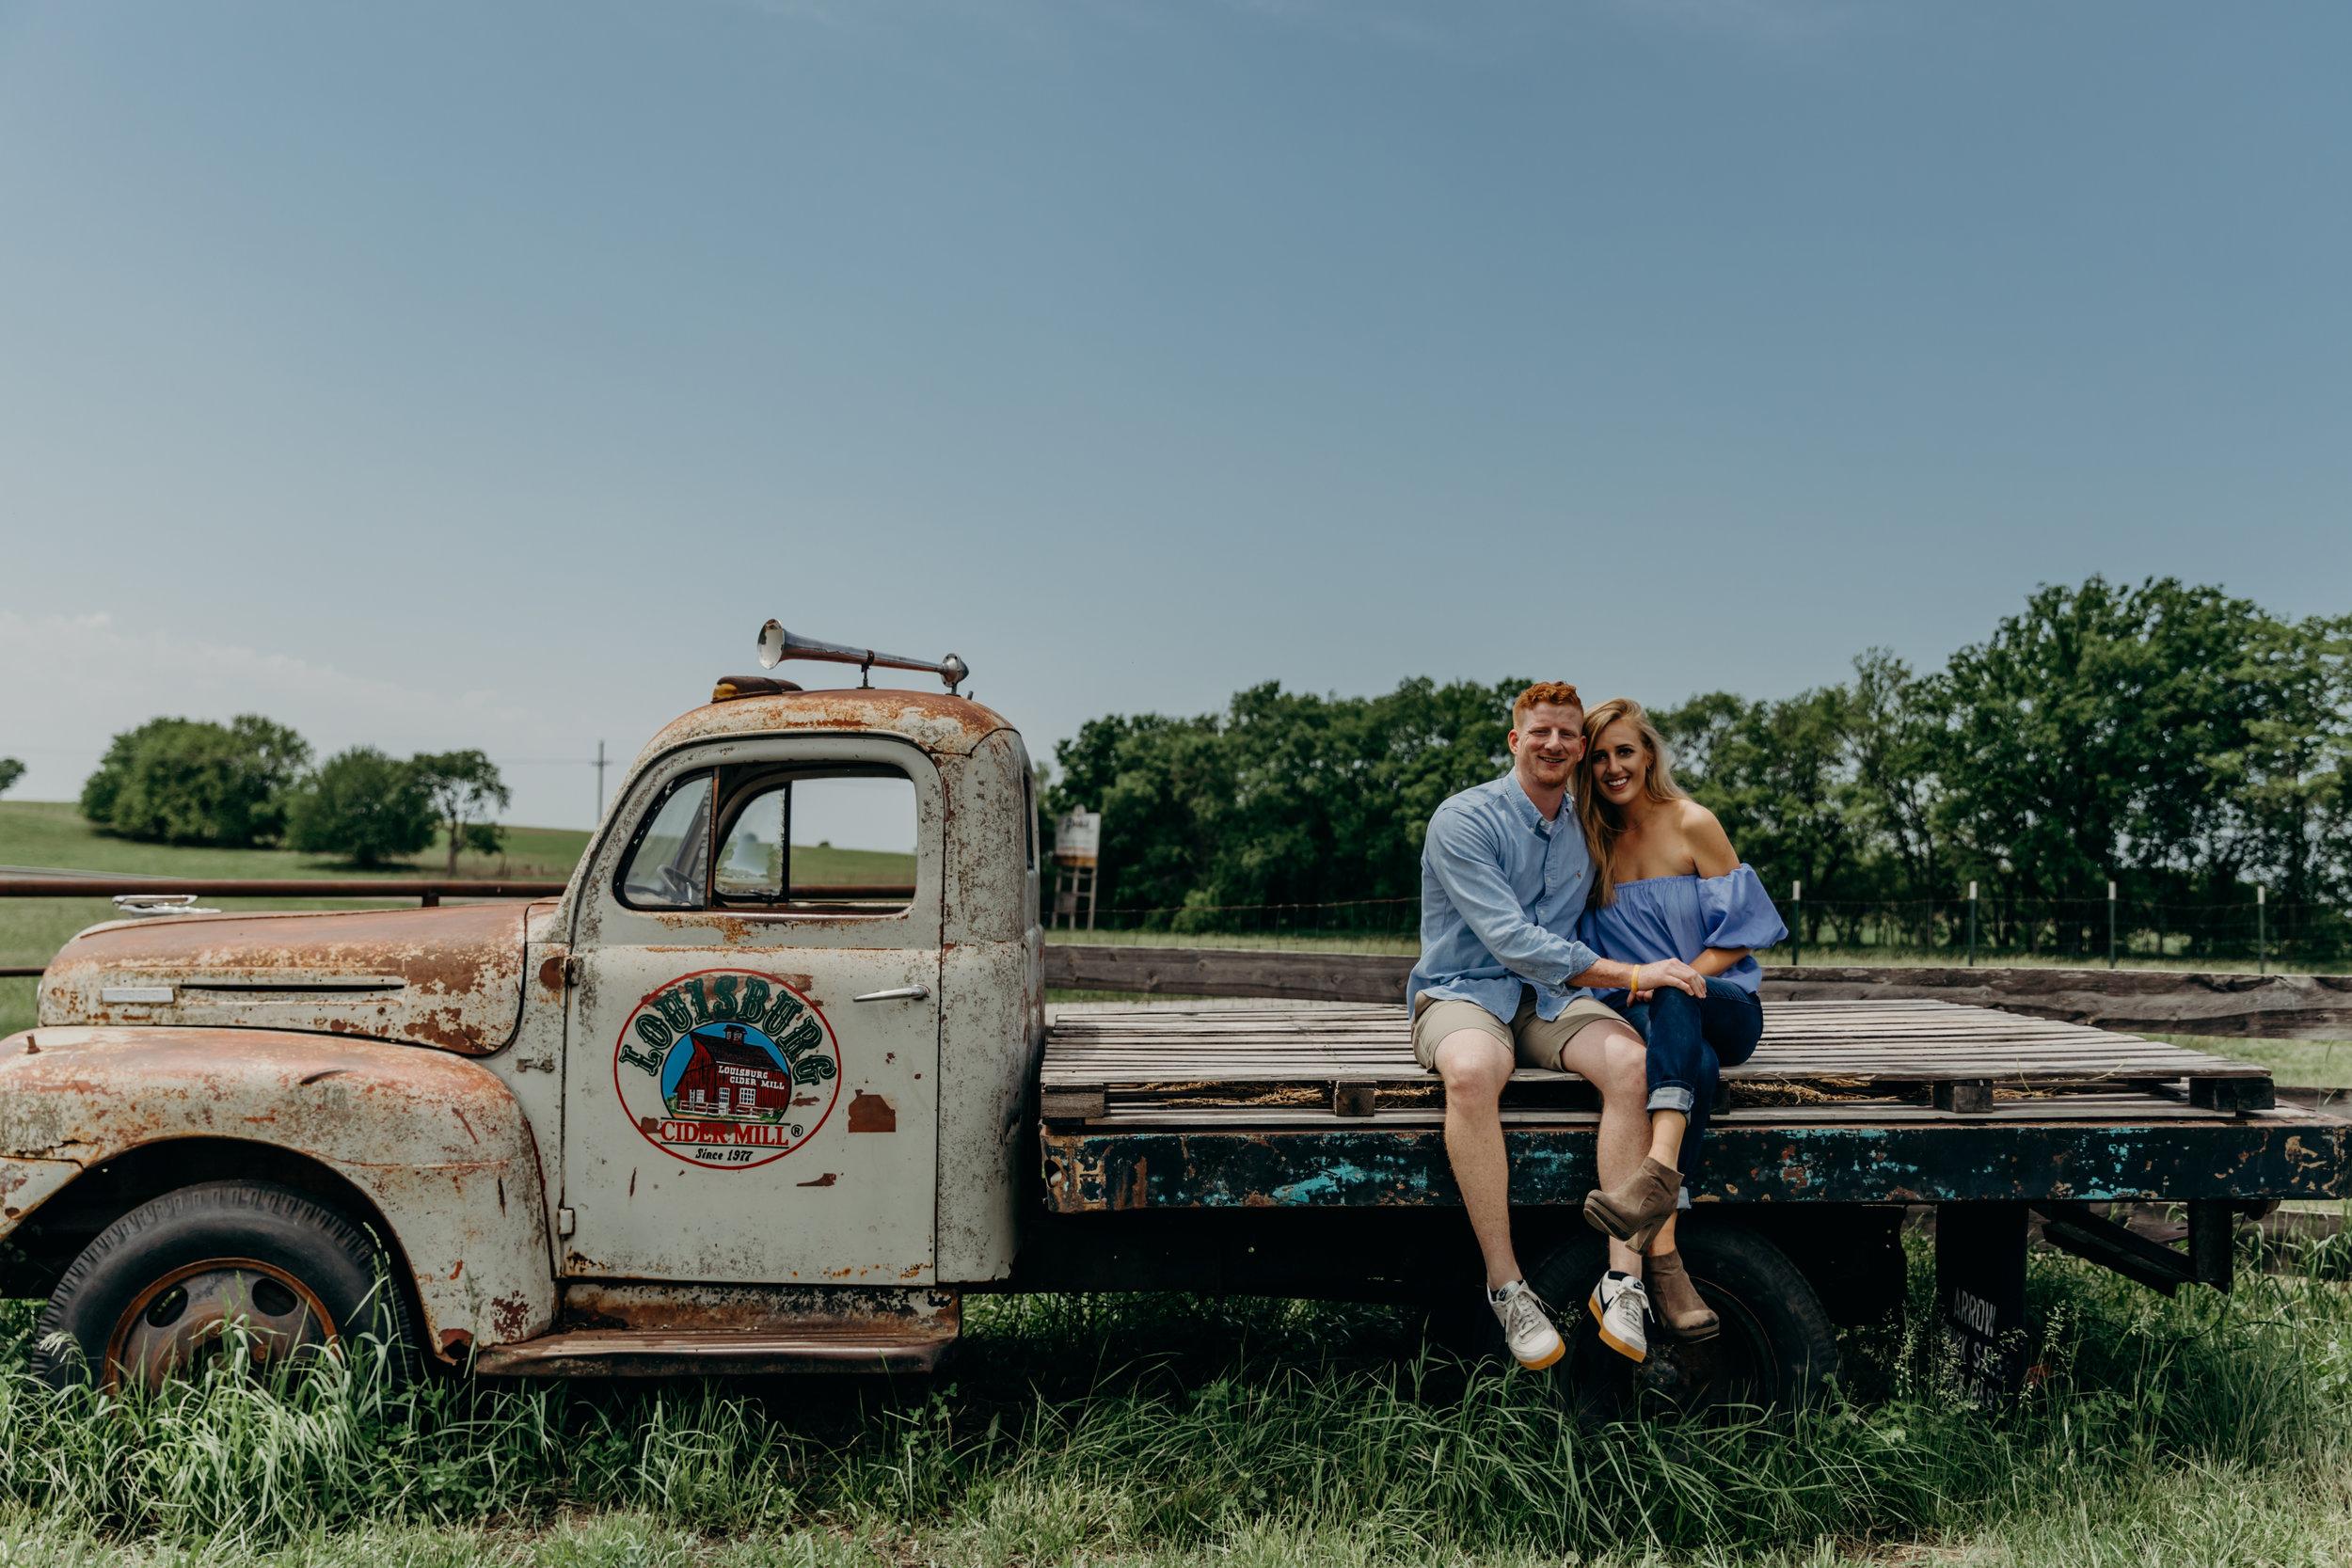 Tyler&KarolineLouisburgCiderMillEngagementSession-43.jpg